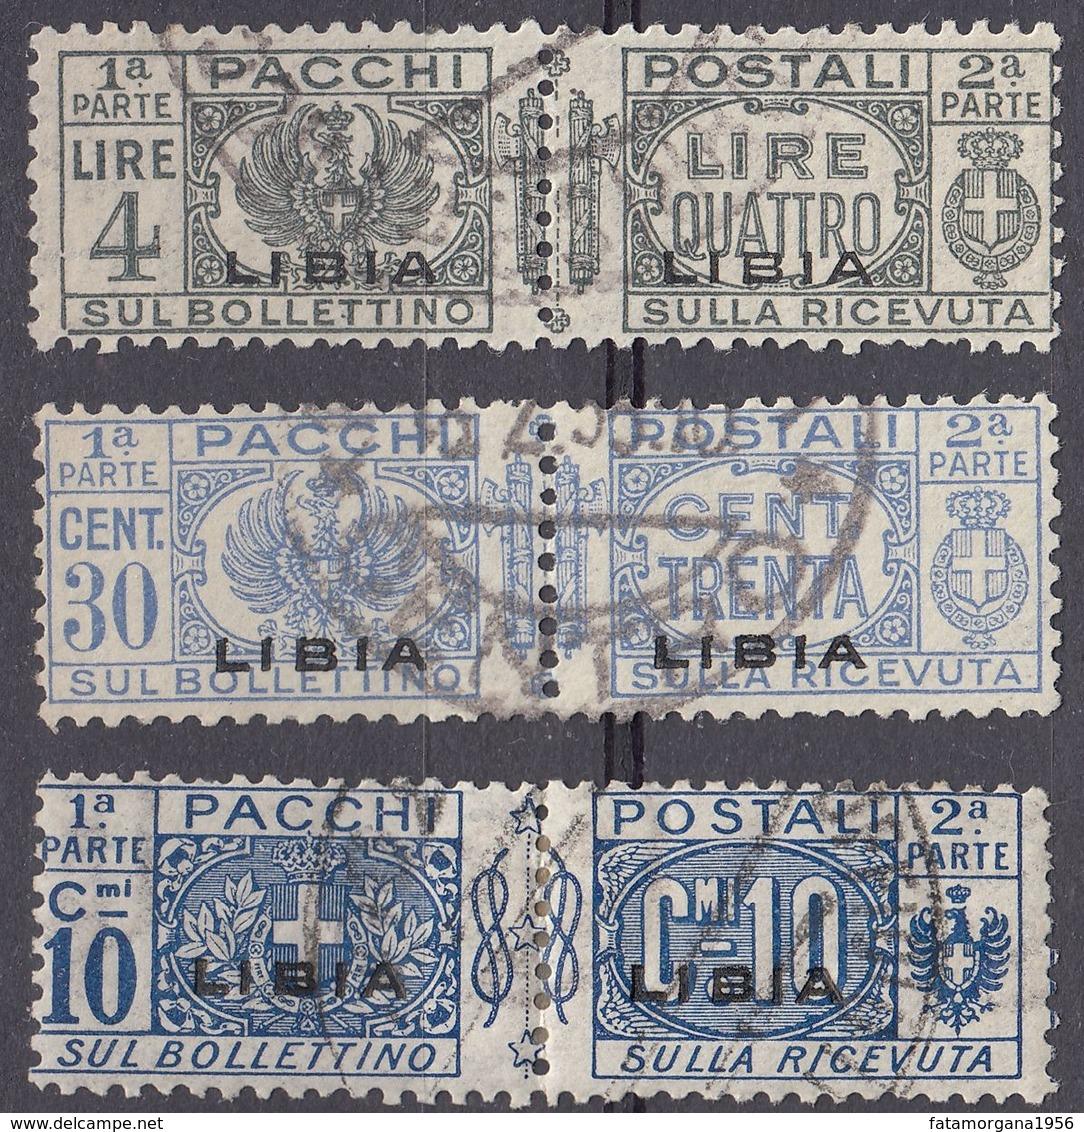 LIBIA (COLONIA ITALIANA)  - Lotto Di Tre Valori Usati: Yvert Pacchi 2, 16 E 21, Come Da Immagine. - Libyen